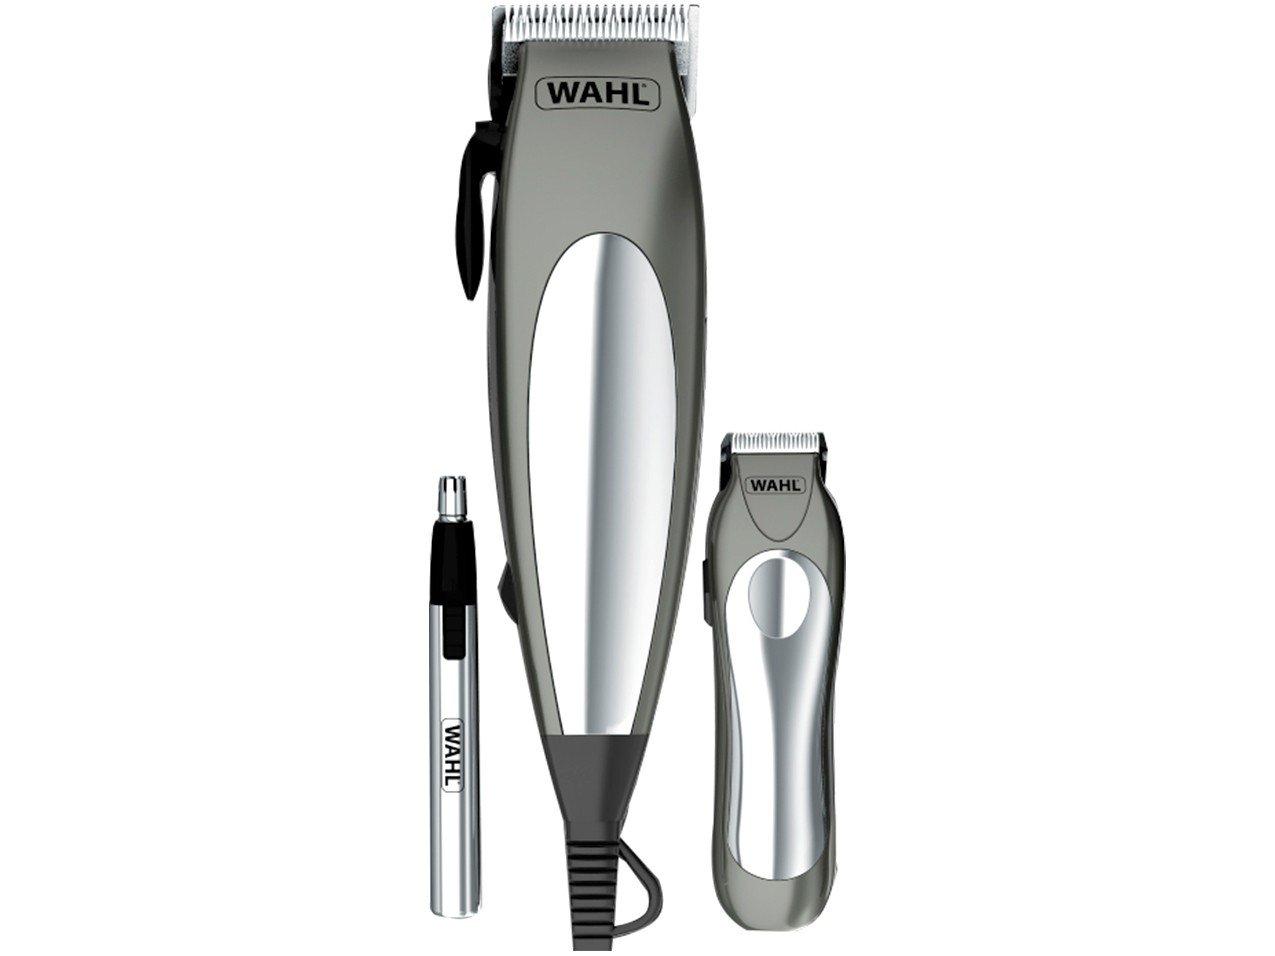 Kit Aparador de Cabelo e Pelos Wahl Deluxe Groom Pro 79305 - Cinza - 220V - 8